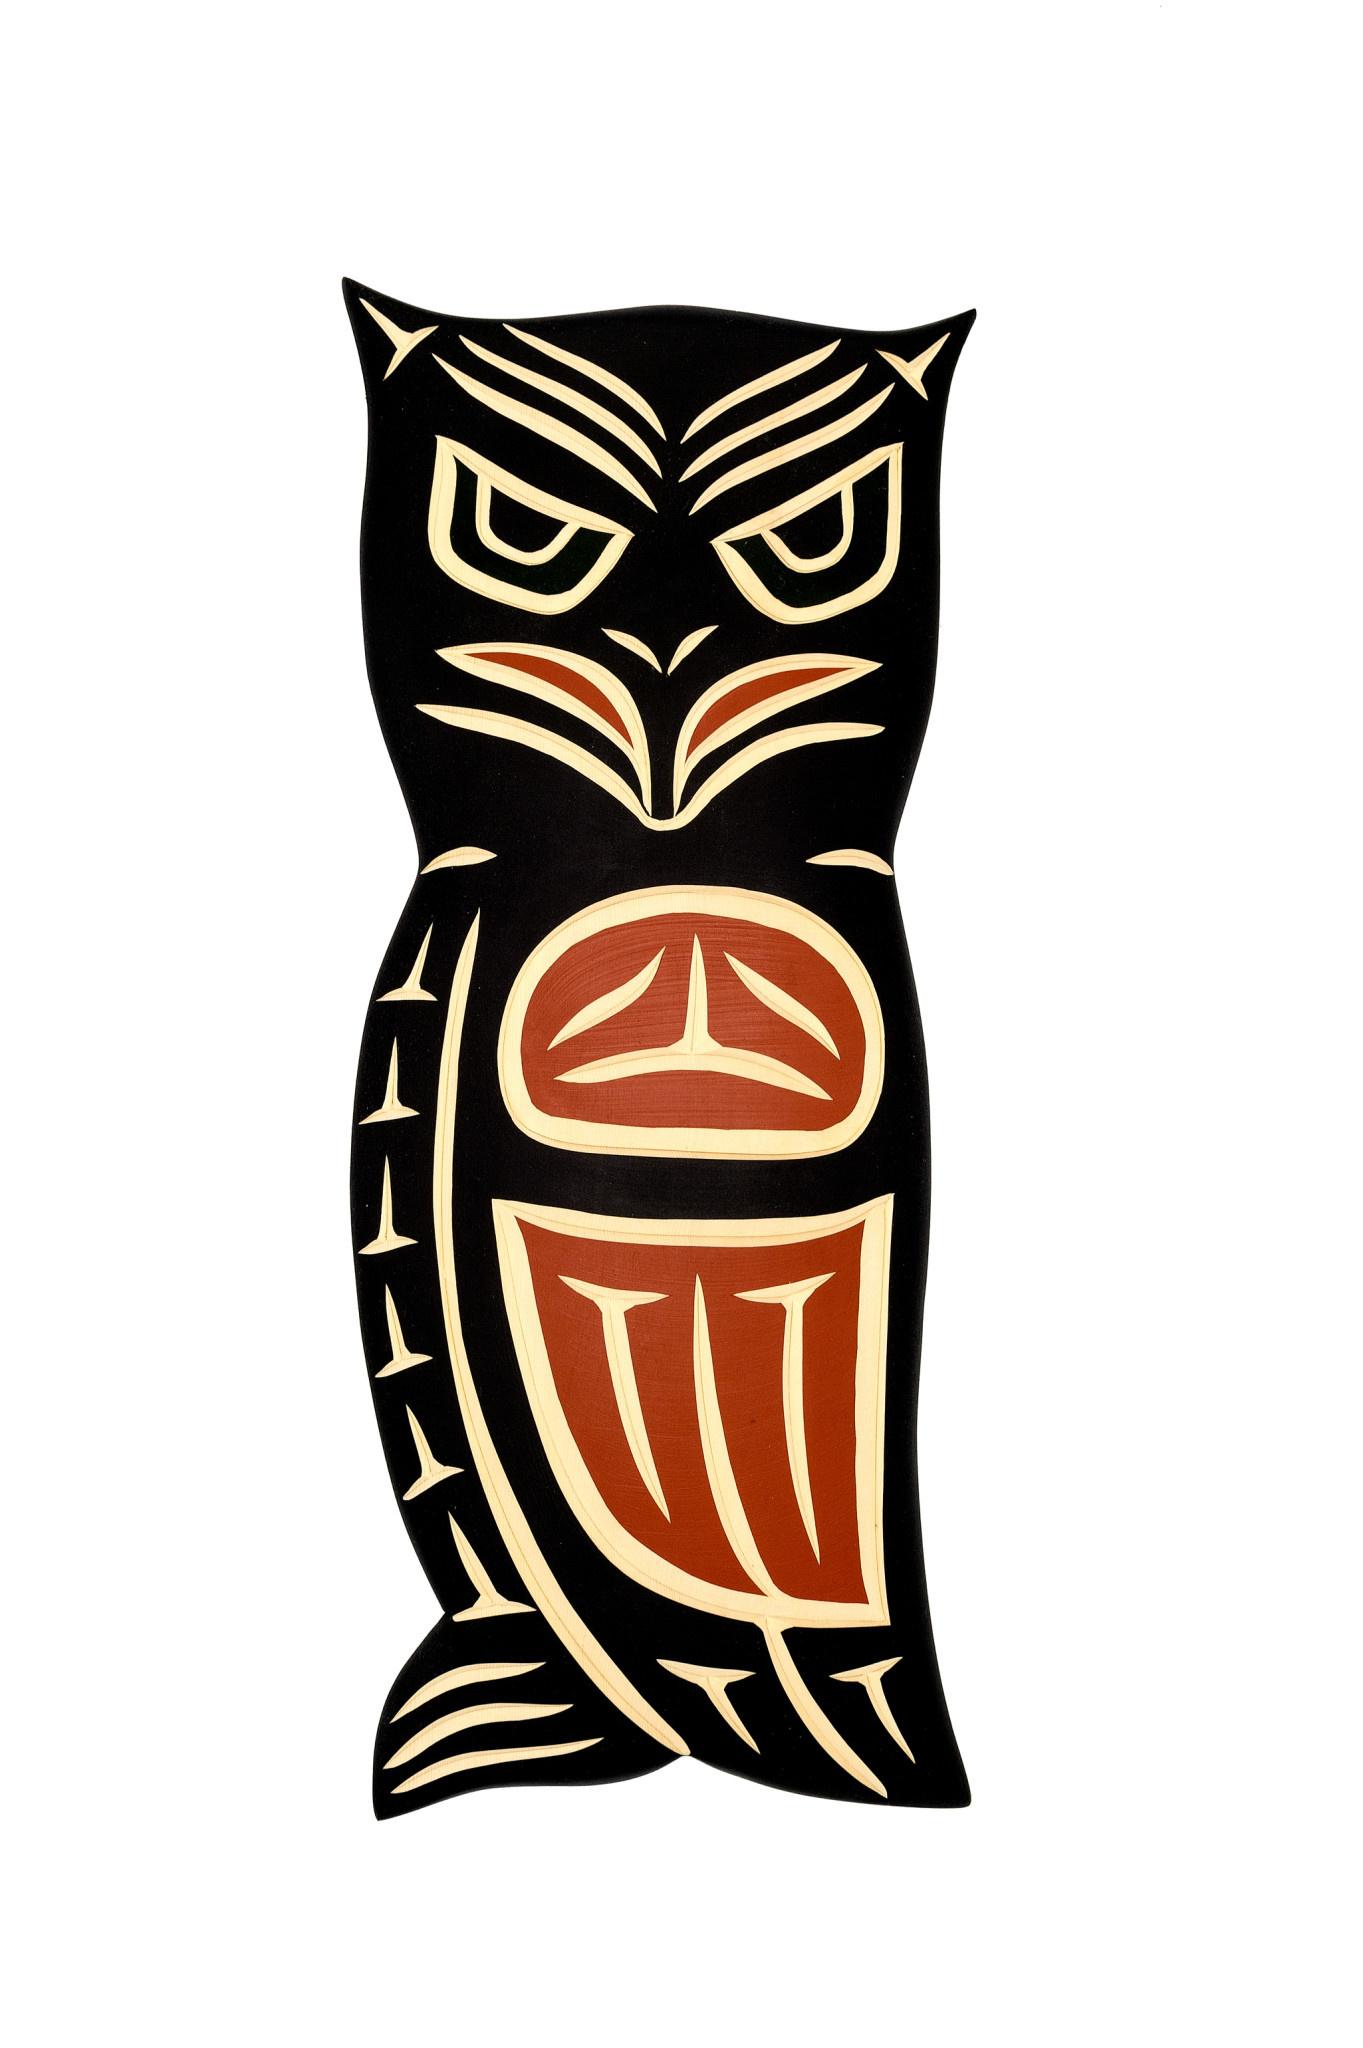 Steve Hoffmann Harvey John - Cedar Carving - Owl - Painted